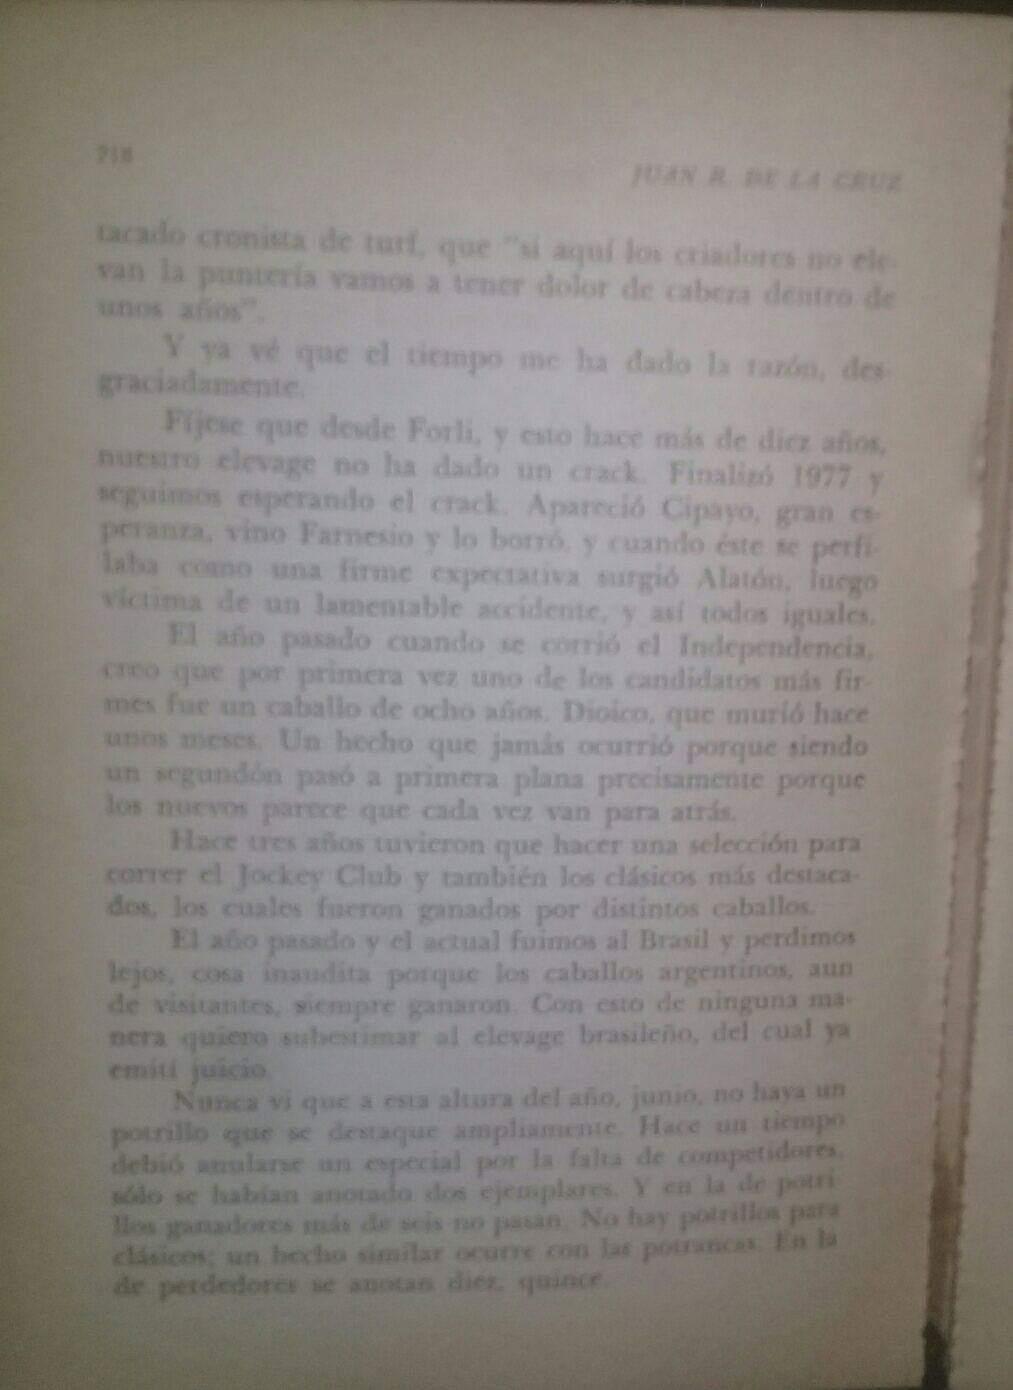 LIBRO EL TURF Y YO JUAN DE LA CRUZ 6d11